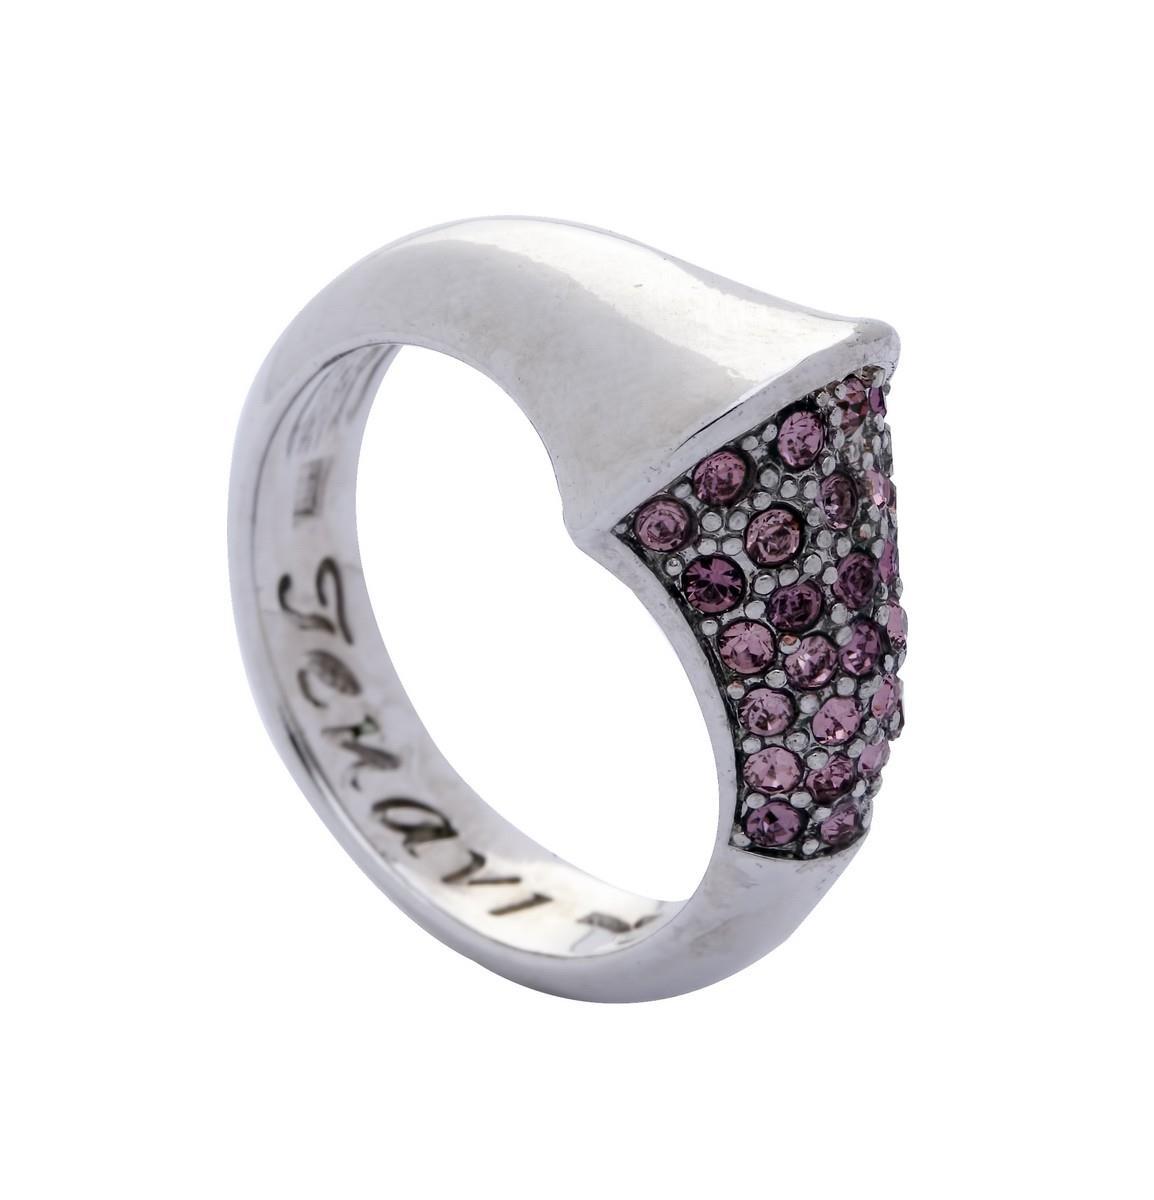 Кольцо Jenavi Коллекция Озон Танака, цвет: серебряный, розовый. j950f010. Размер 19j950f010Коллекция Озон, Танака (Кольцо) гипоаллергенный ювелирный сплав,Серебрение c род. , вставка Кристаллы Swarovski , цвет - серебряный, розовый, размер - 19 избегать взаимодействия с водой и химическими средствами